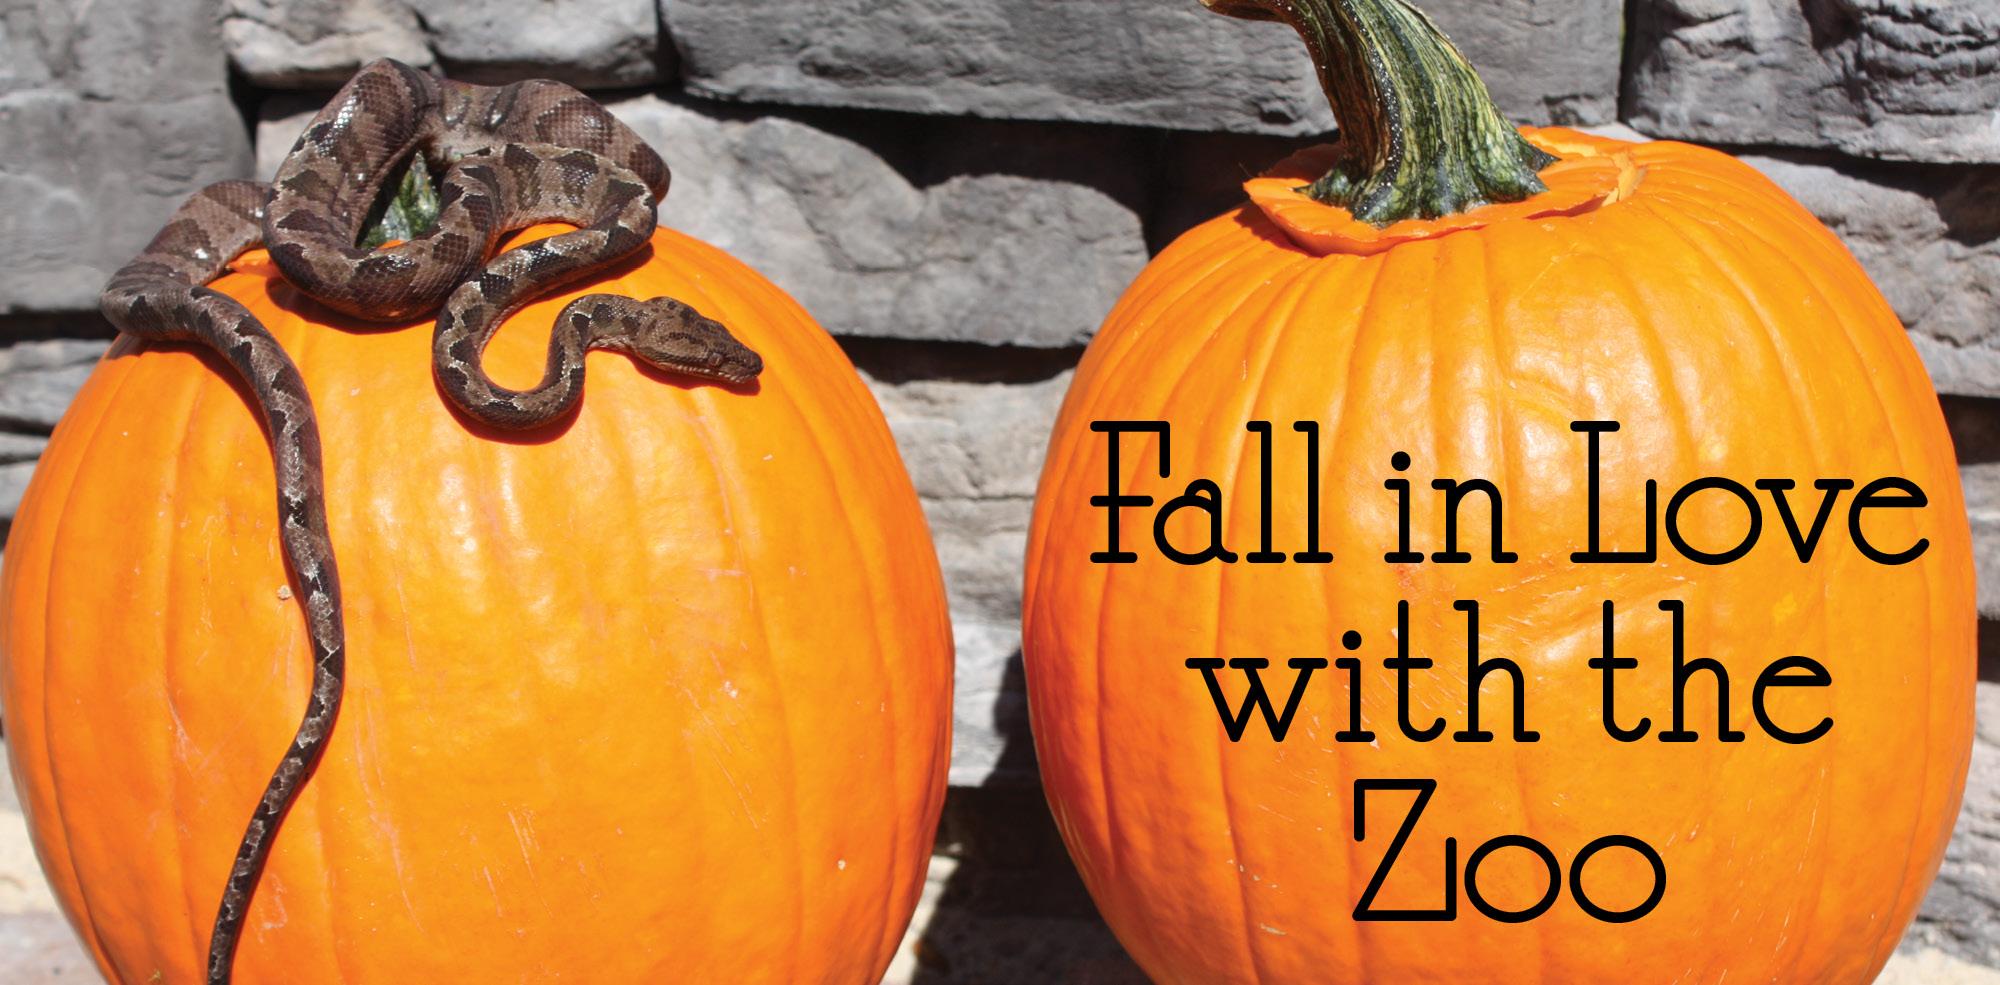 VAZOO_Fall in Love Website Slider